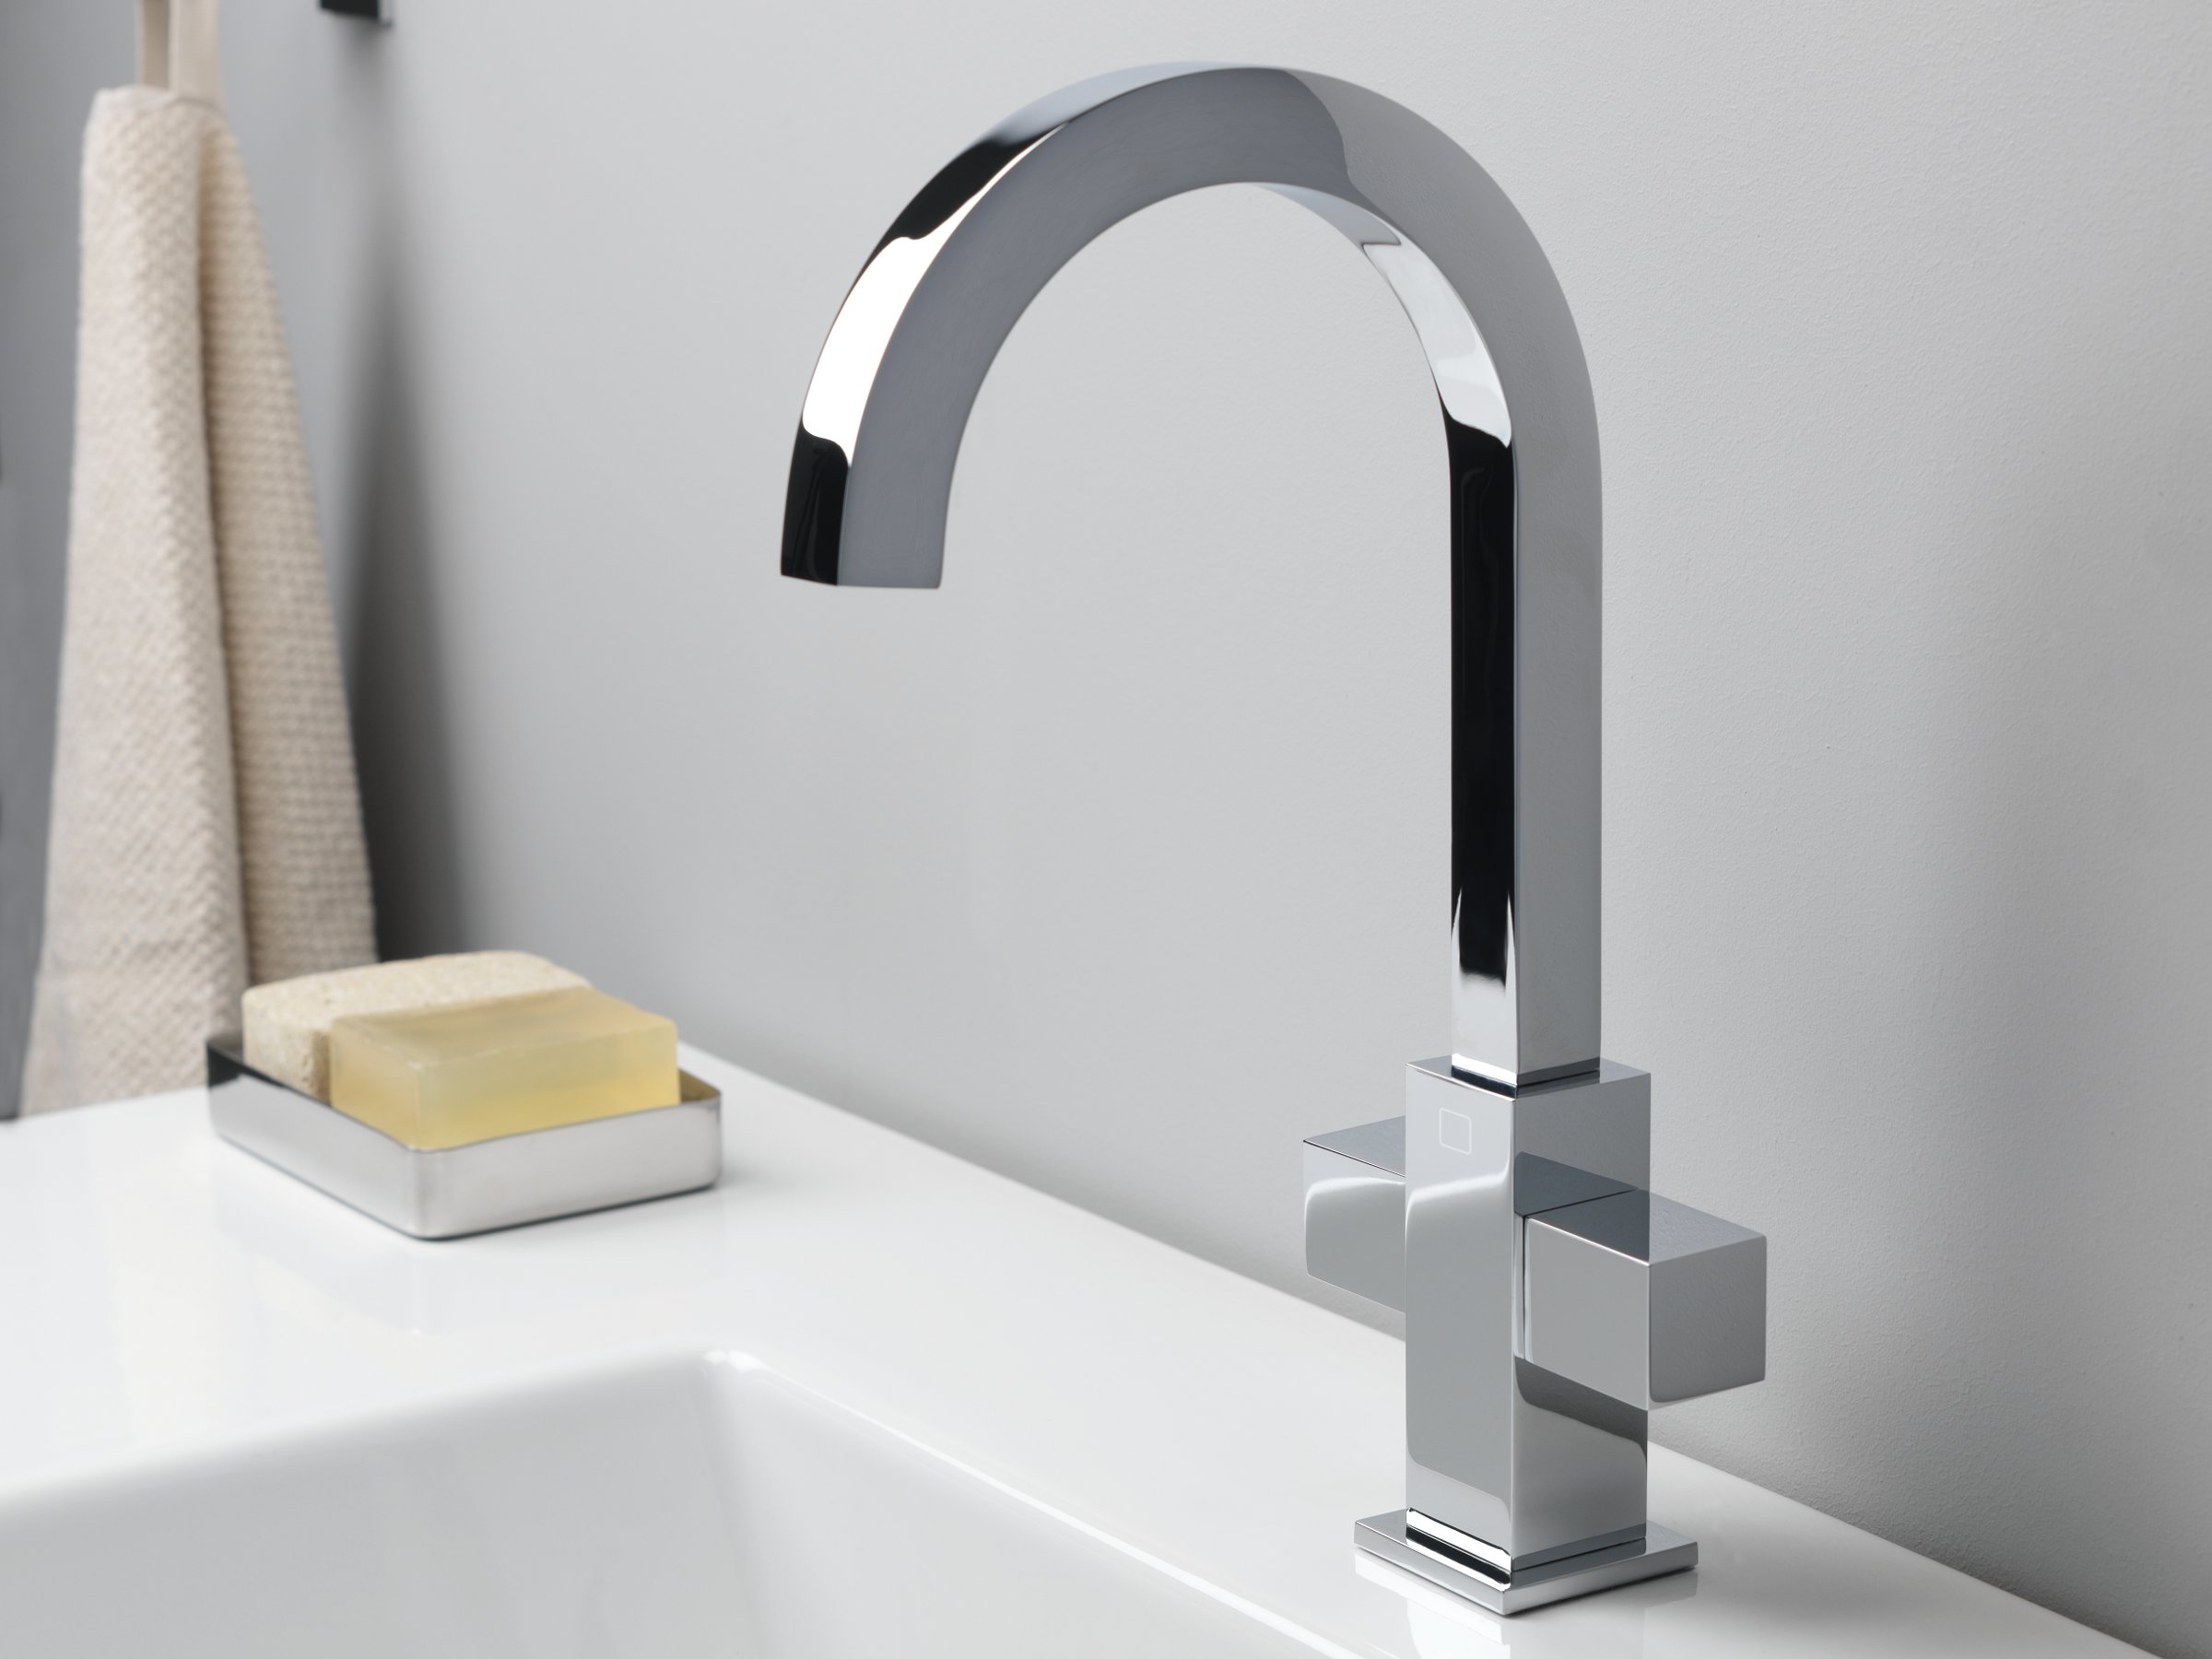 Quadri rubinetto per lavabo monoforo by cristina rubinetterie for Rubinetto bagno a muro